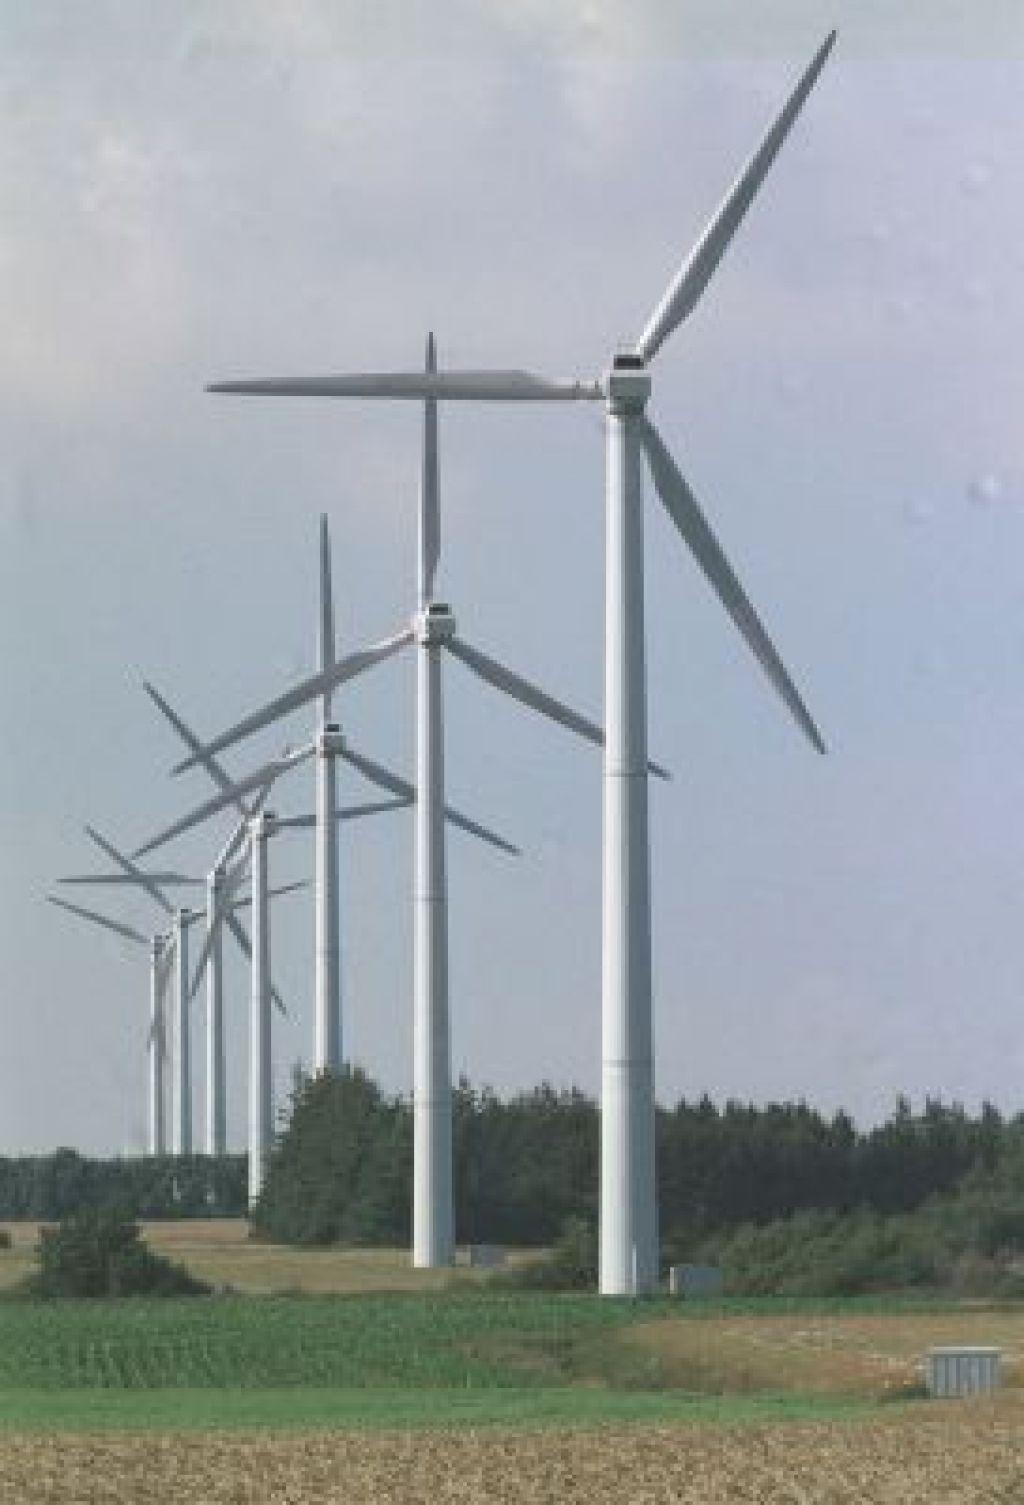 Oktobra vendarle prva vetrna elektrarna